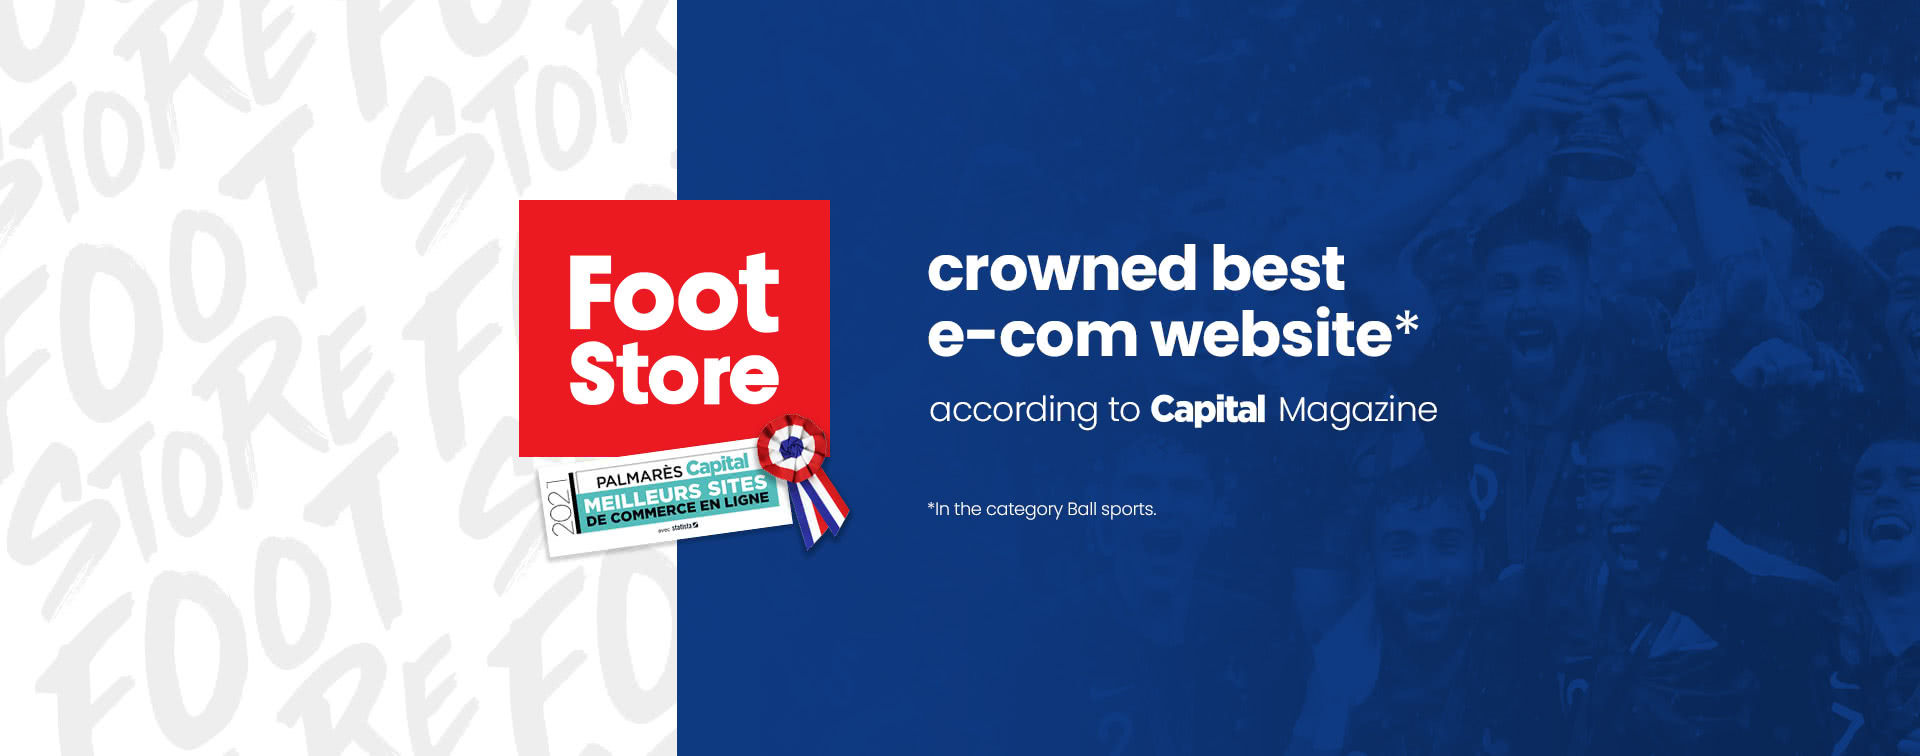 Best website